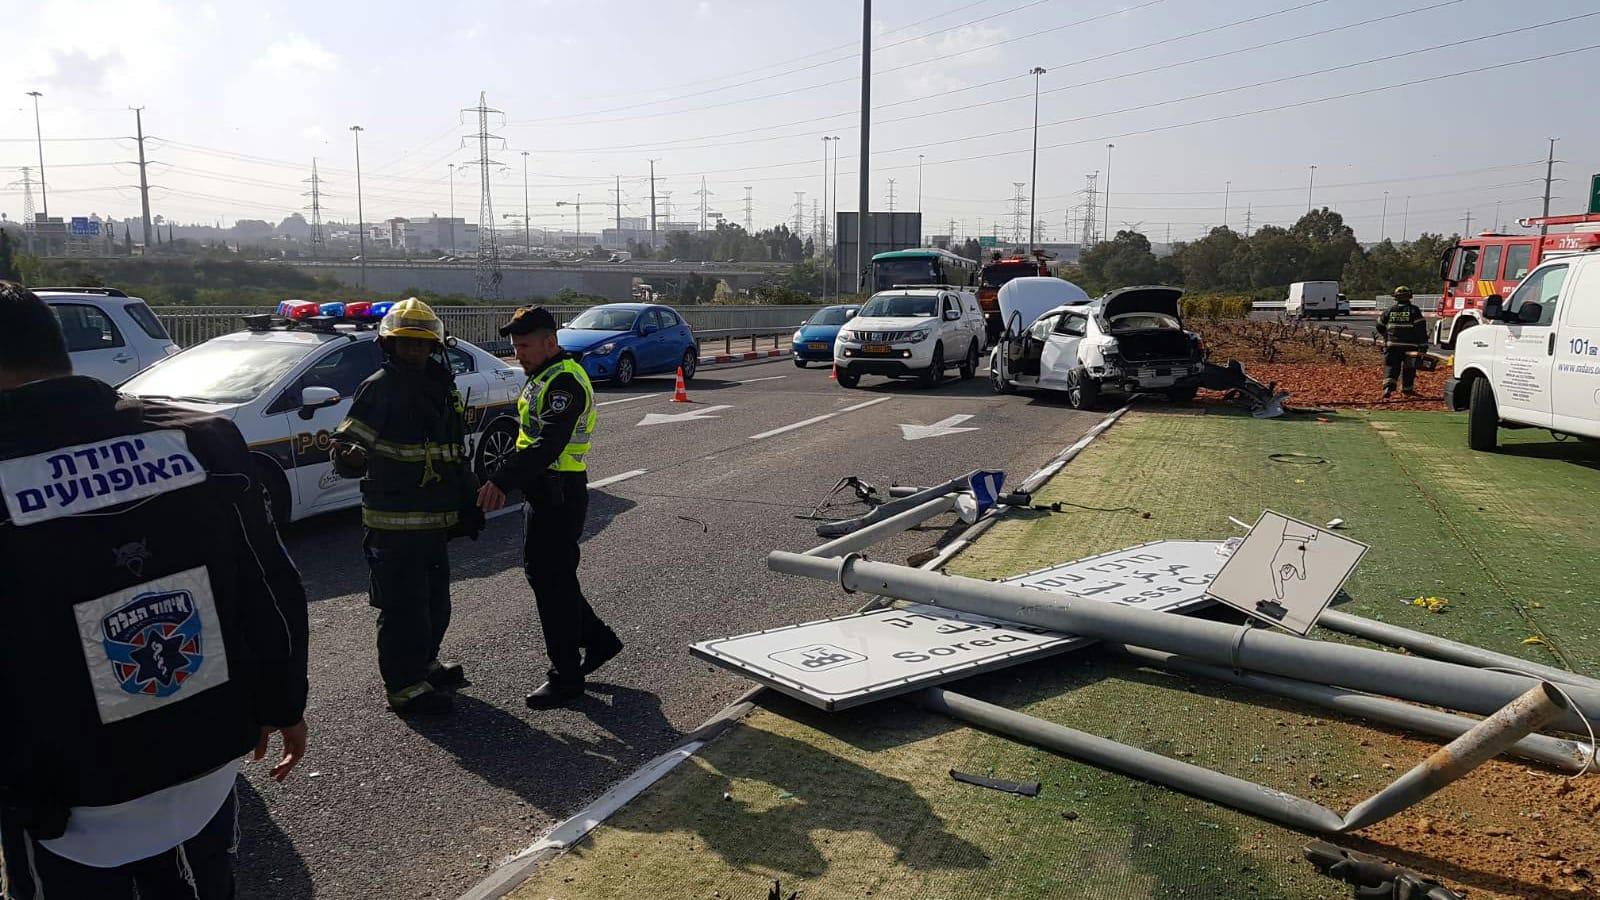 נהג נפצע בינוני בתאונה סמוך לראשון לציון